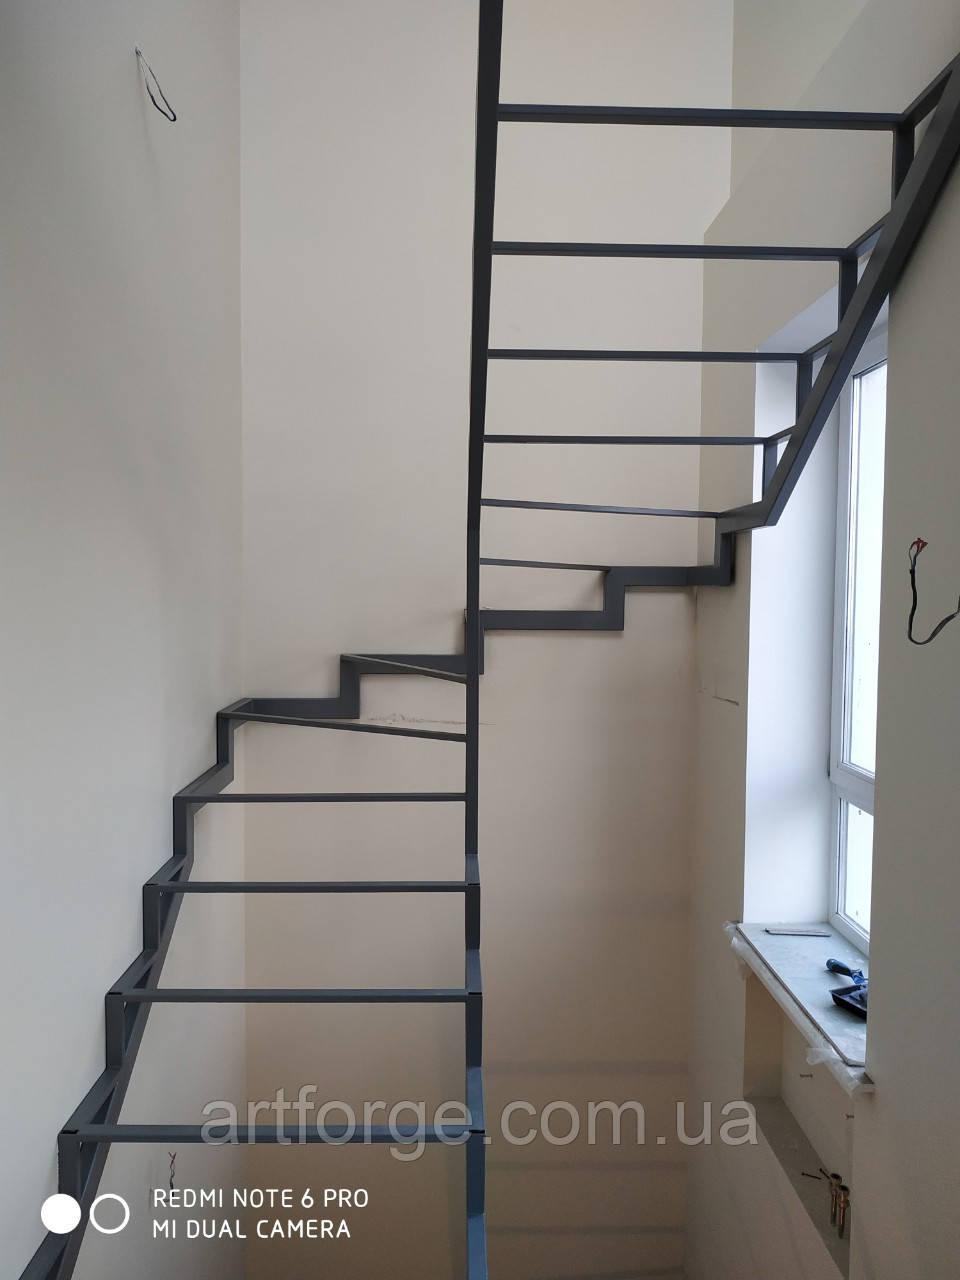 Лестница из металла. Универсальный каркас лестницы.